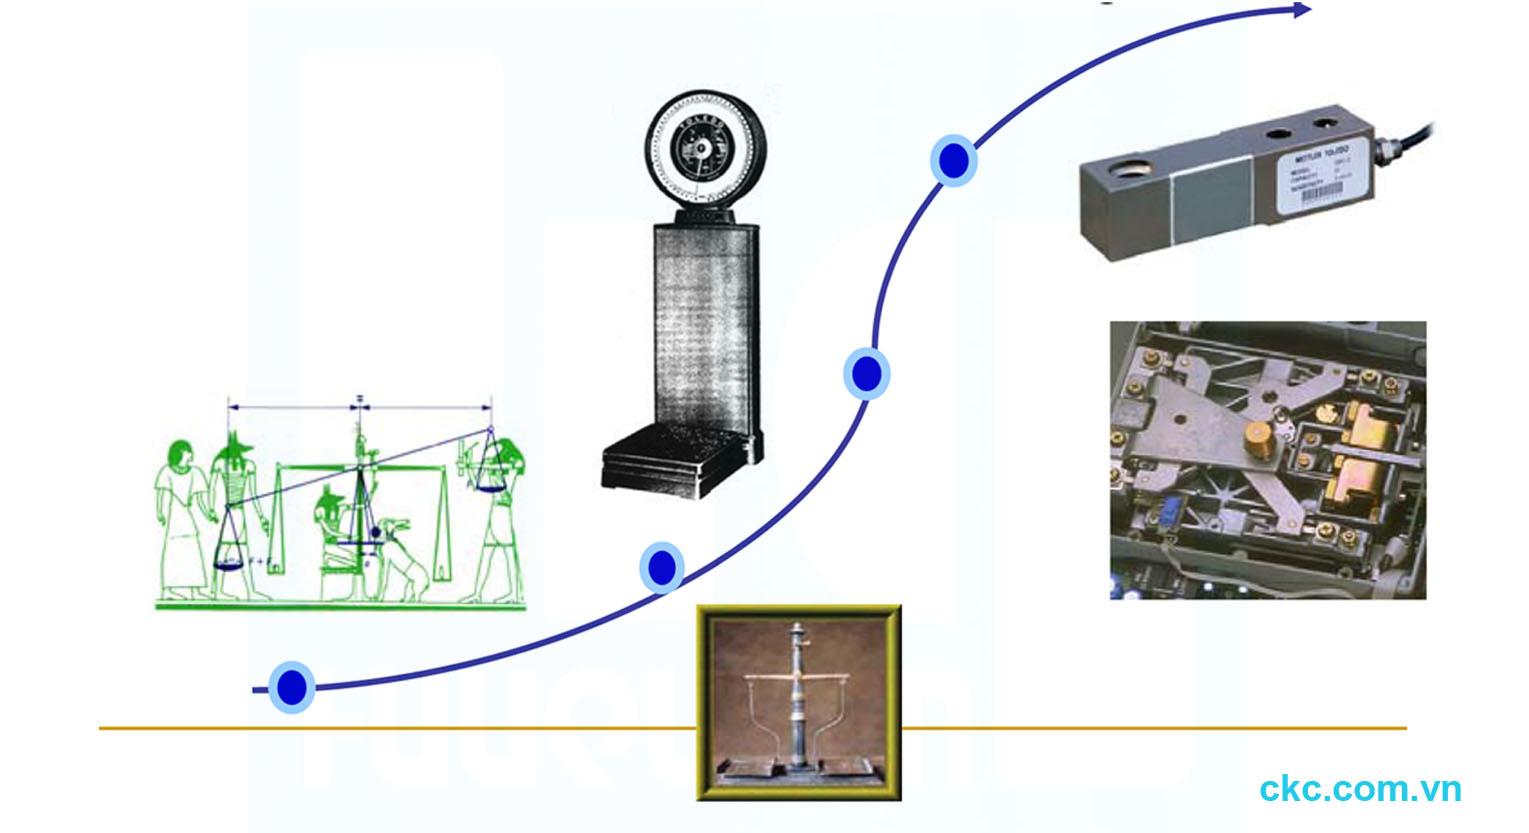 Lịch sử hình thành và phát triển công nghệ cân đo khối lượng